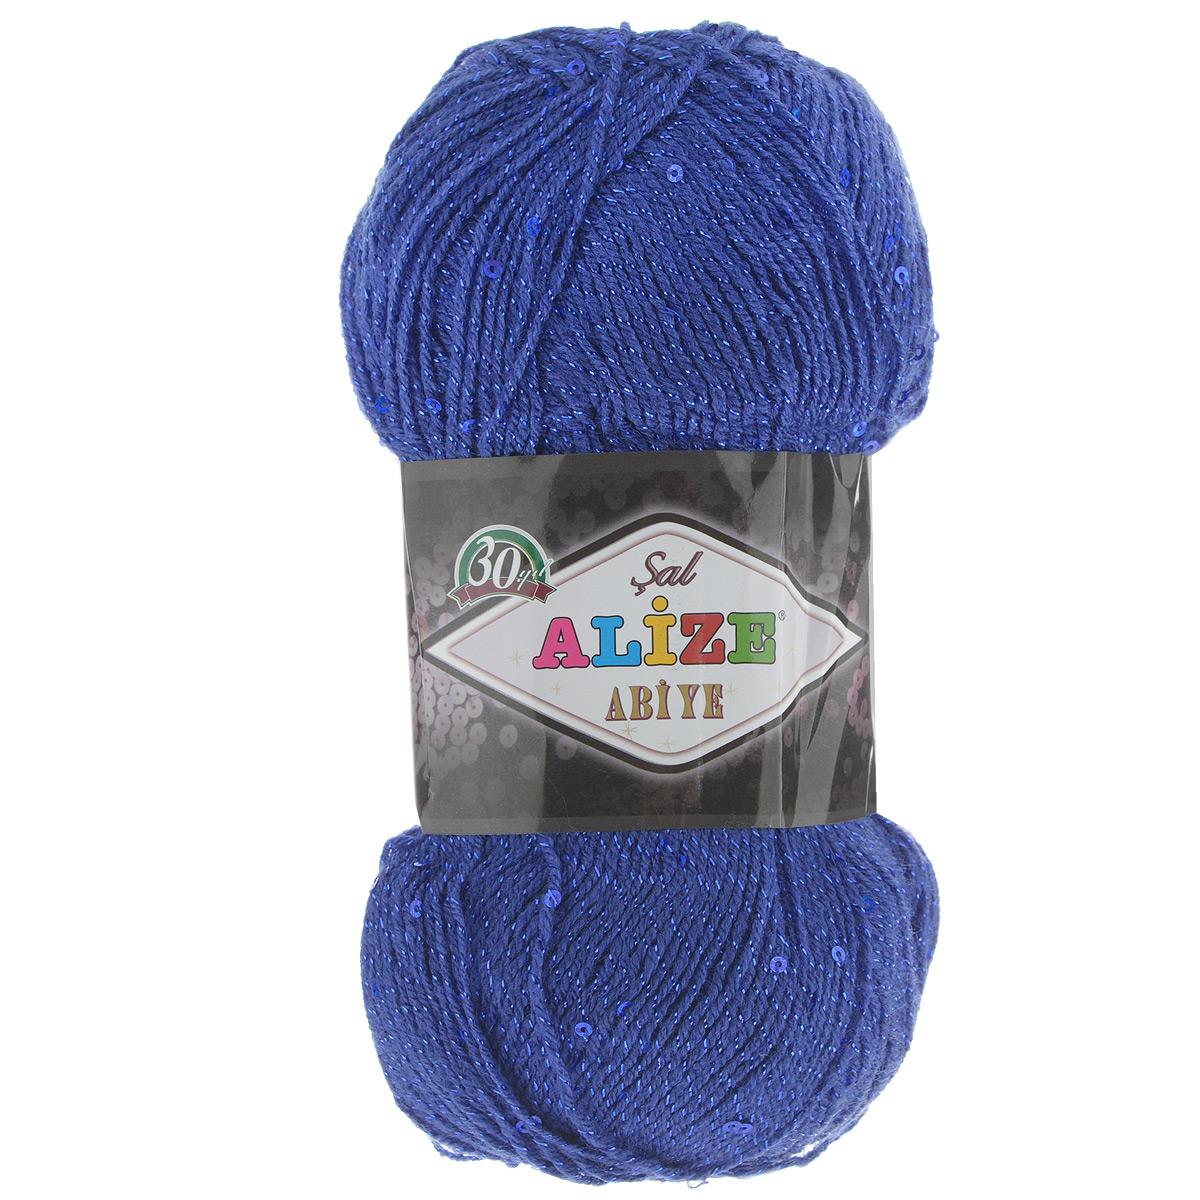 Пряжа для вязания Alize Sal Abiye, цвет: темно-синий (360), 410 м, 100 г, 5 шт372113_360Пряжа Alize Sal Abiye - это фантазийная акриловая пряжа с добавлением в тон нити пайеток и металлика. Такая нарядная пряжа подходит для вязания элегантных вечерних нарядов, сумочек, кошельков, украшений и пр. Рекомендованные спицы 2-4 мм и крючок для вязания 1-4 мм. Комплектация: 5 мотков. Состав: 80% акрил, 10% полиэстер, 5% пайетки, 5% металлизированная нить.